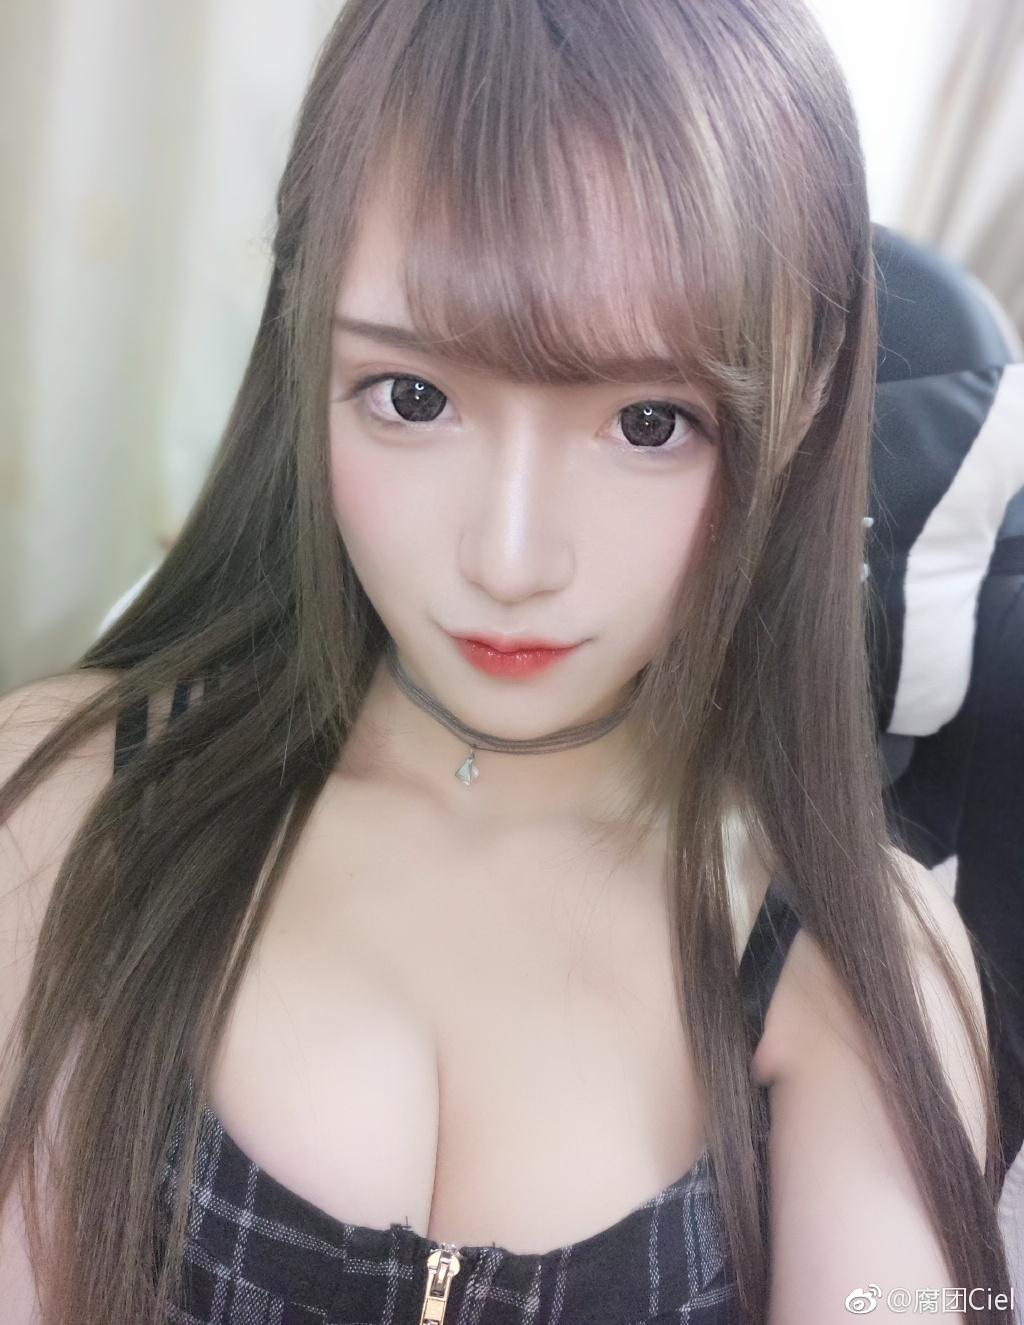 今日妹子推荐@腐团Ciel 一个美貌于性感共存的女主播